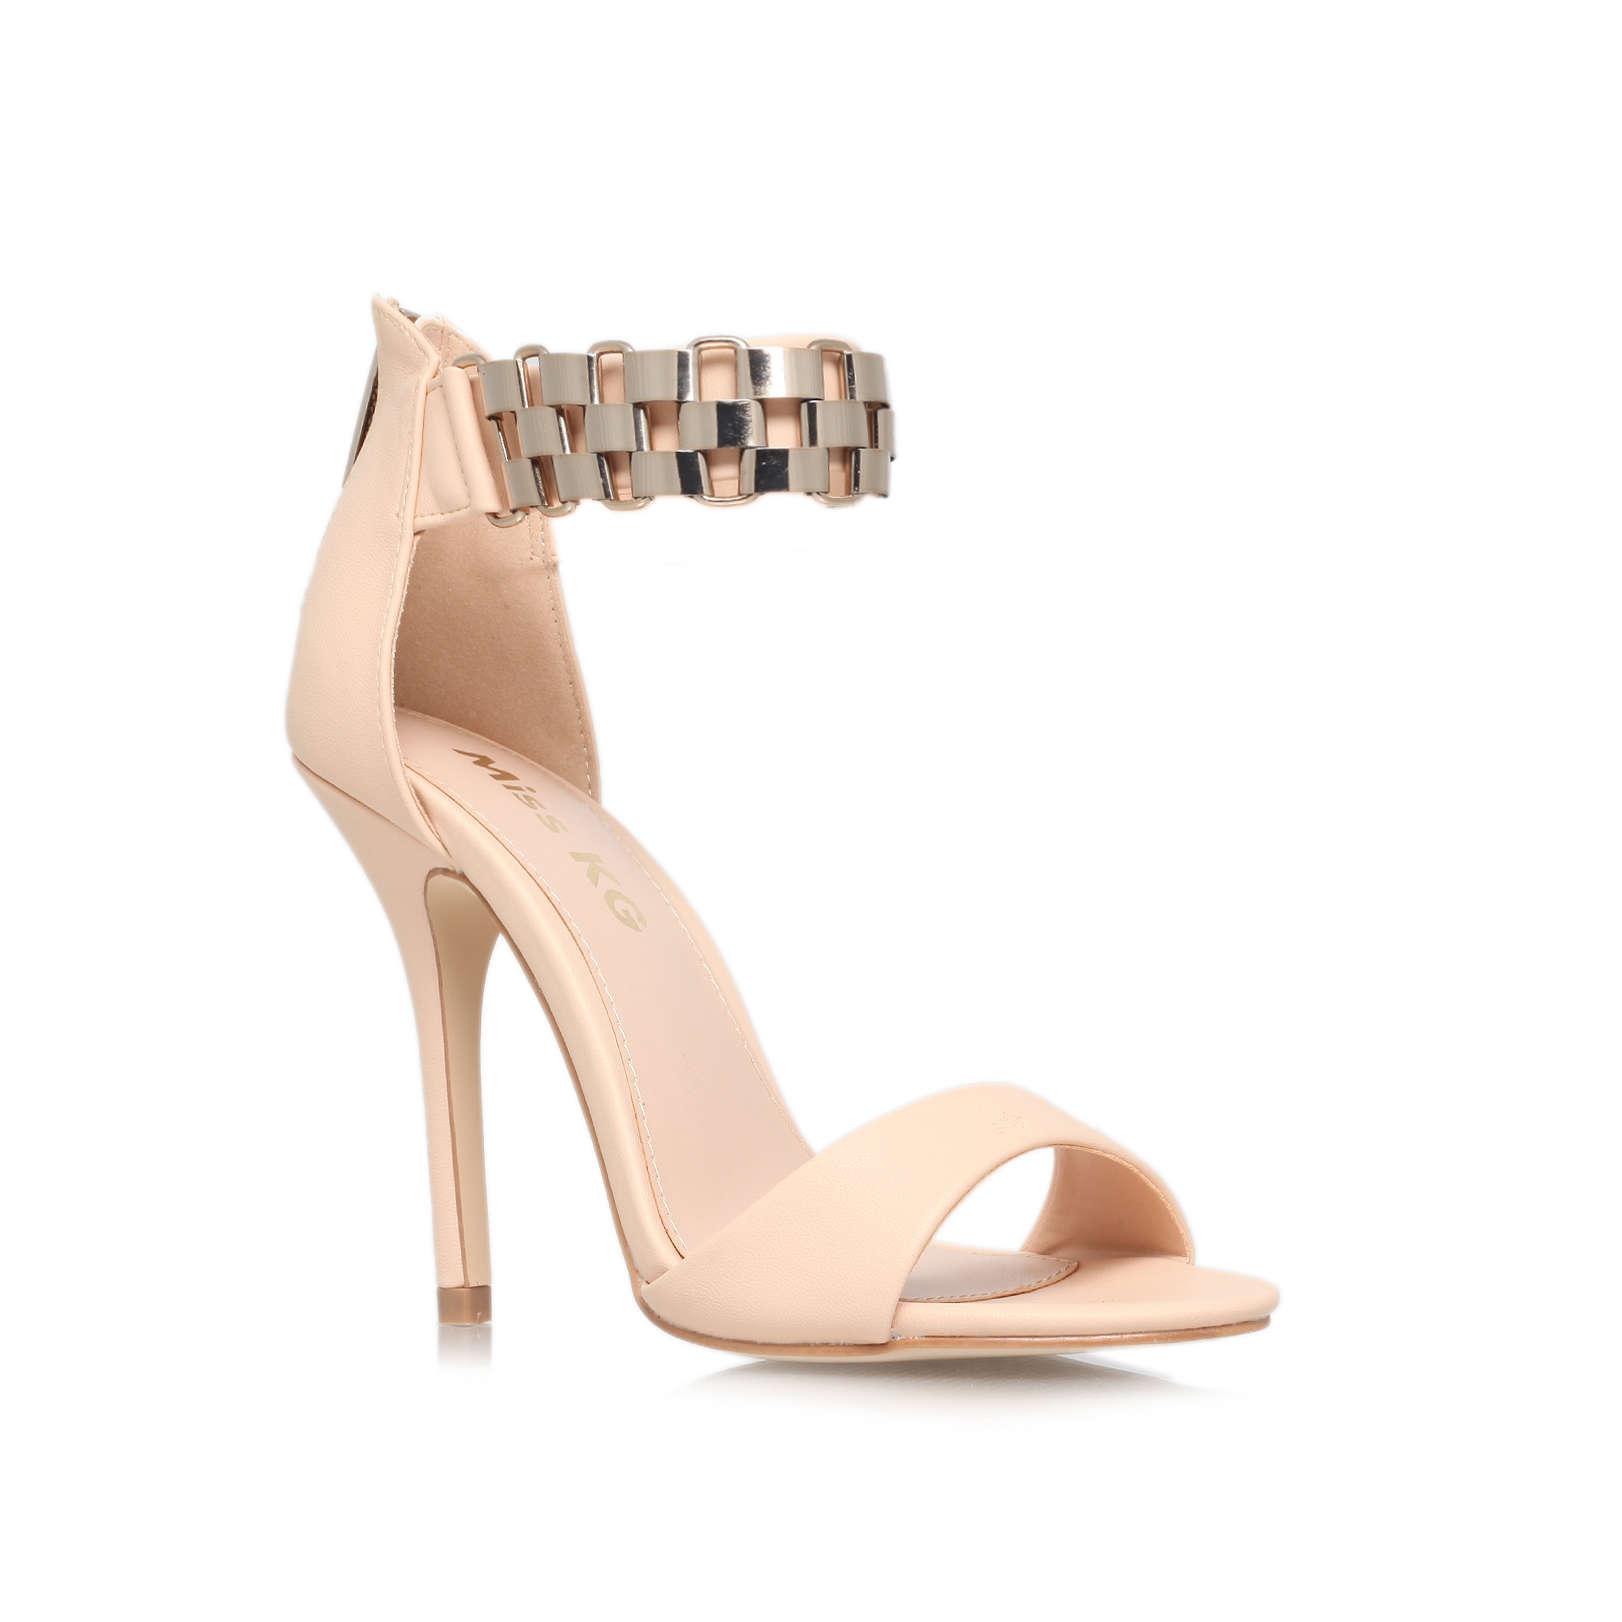 Kurt Geiger | POSEY by Miss KG | Shoes, High heel sandals